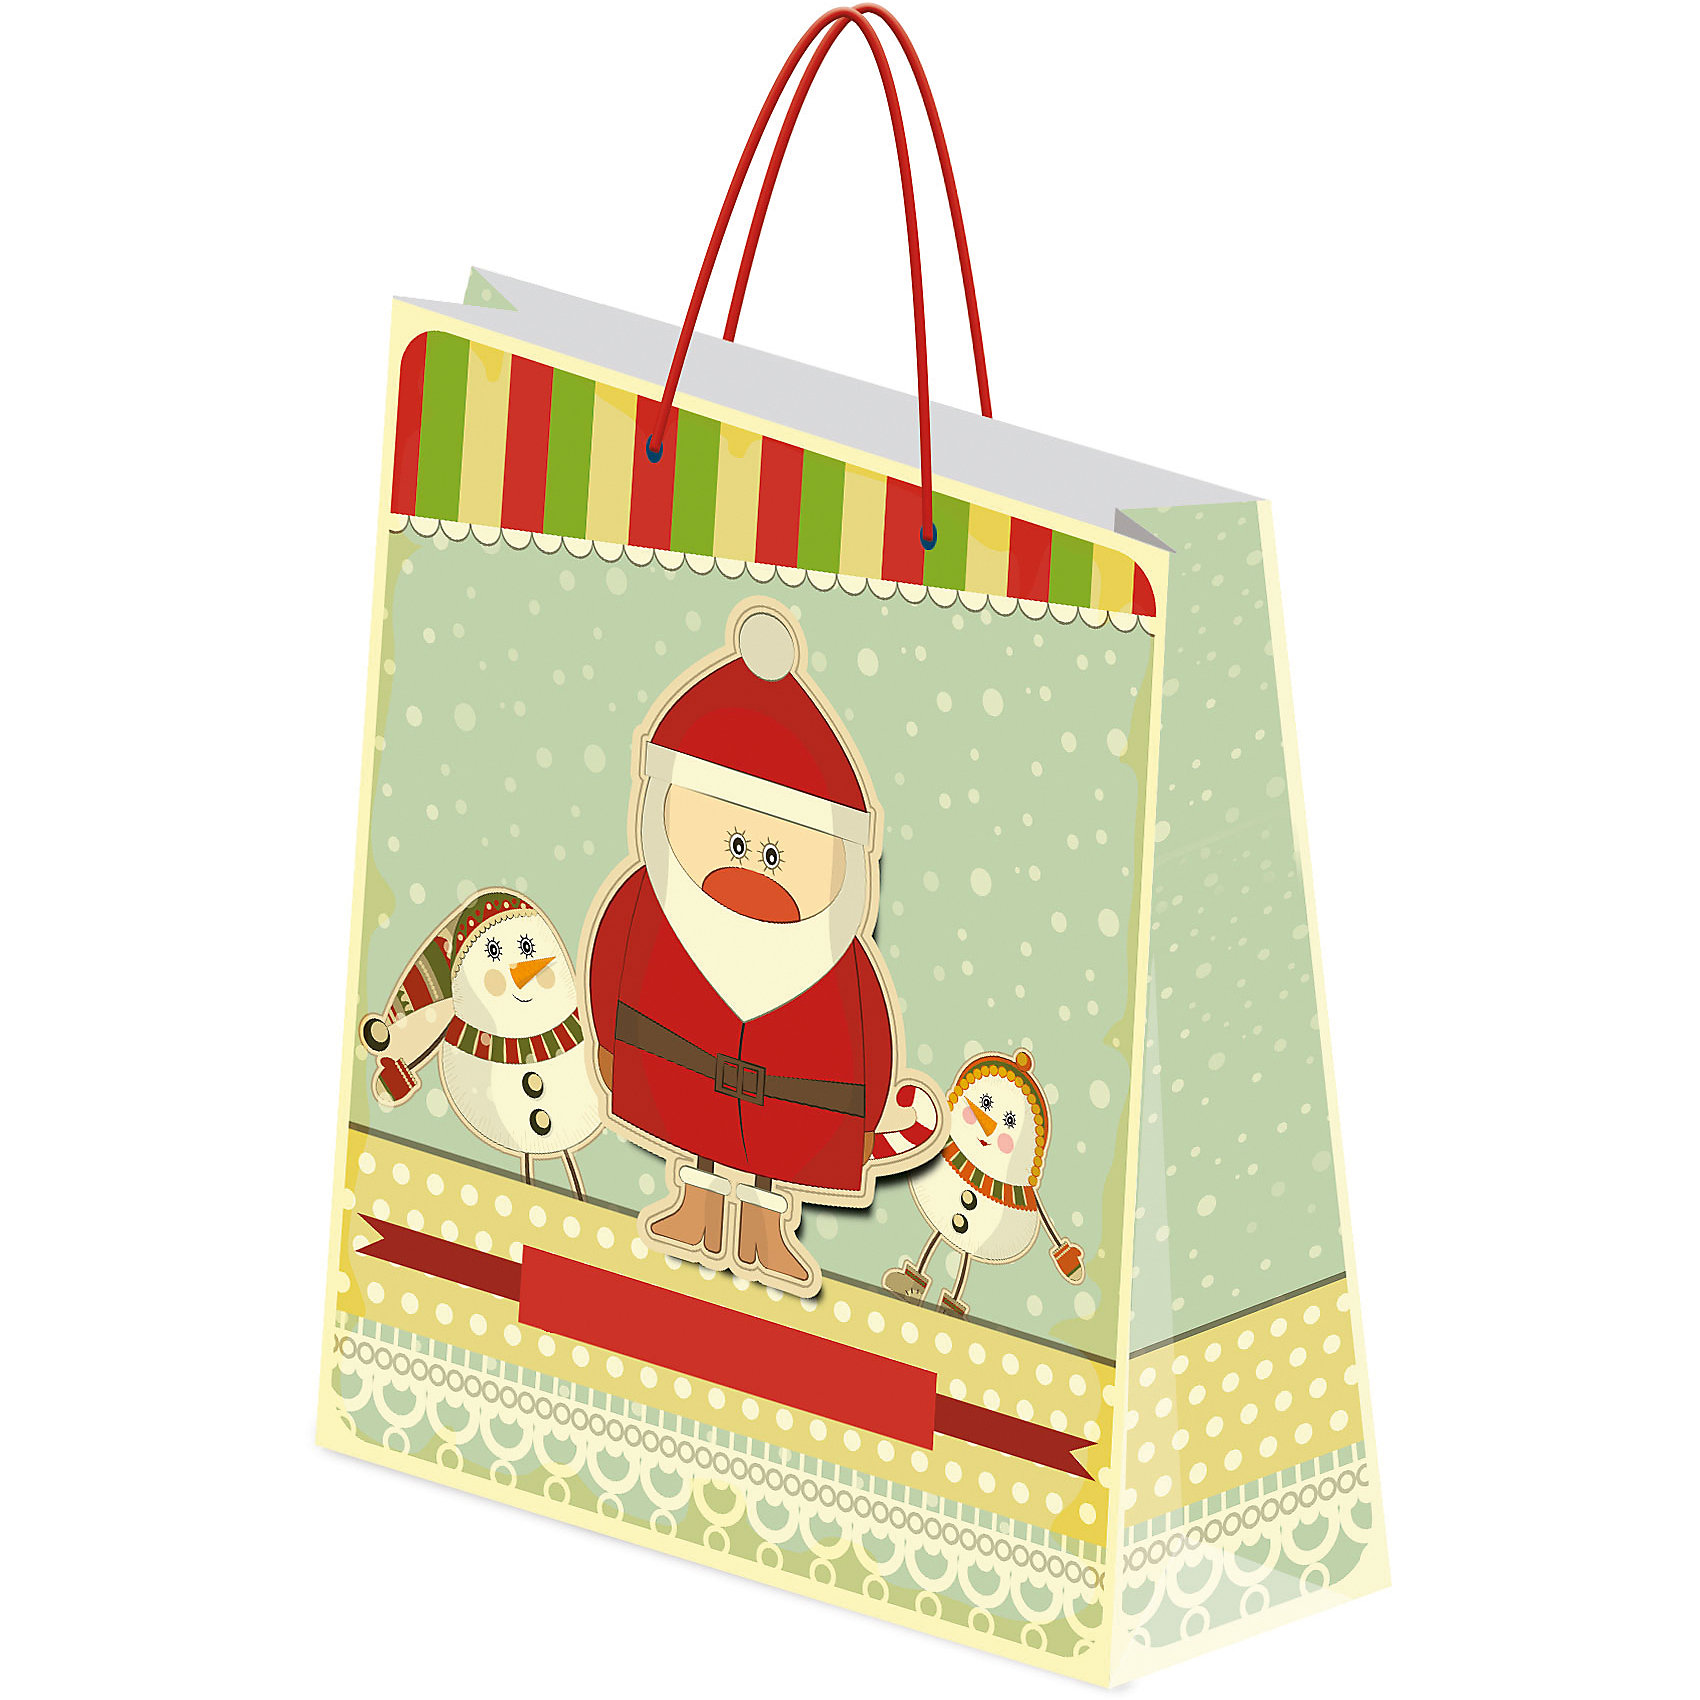 Подарочный пакет Новогодний 20*27**9,8 см с 3D-эффектомВсё для праздника<br>Красиво упакованный подарок приятно получать вдвойне! Прочный красивый пакет станет прекрасным дополнением к подарку.<br><br>Дополнительная информация:<br><br>- Материал: бумага.<br>- Размер: 20 х 27 х 9,8 cм.<br>- Эффект: 3D, глиттер, матовая ламинация.<br>- Ручки - ленточки. <br><br>Подарочный пакет Новогодний, 20х27х9,8 см с 3D-эффектом, можно купить в нашем магазине.<br><br>Ширина мм: 2<br>Глубина мм: 20<br>Высота мм: 27<br>Вес г: 60<br>Возраст от месяцев: 84<br>Возраст до месяцев: 2147483647<br>Пол: Унисекс<br>Возраст: Детский<br>SKU: 4381379